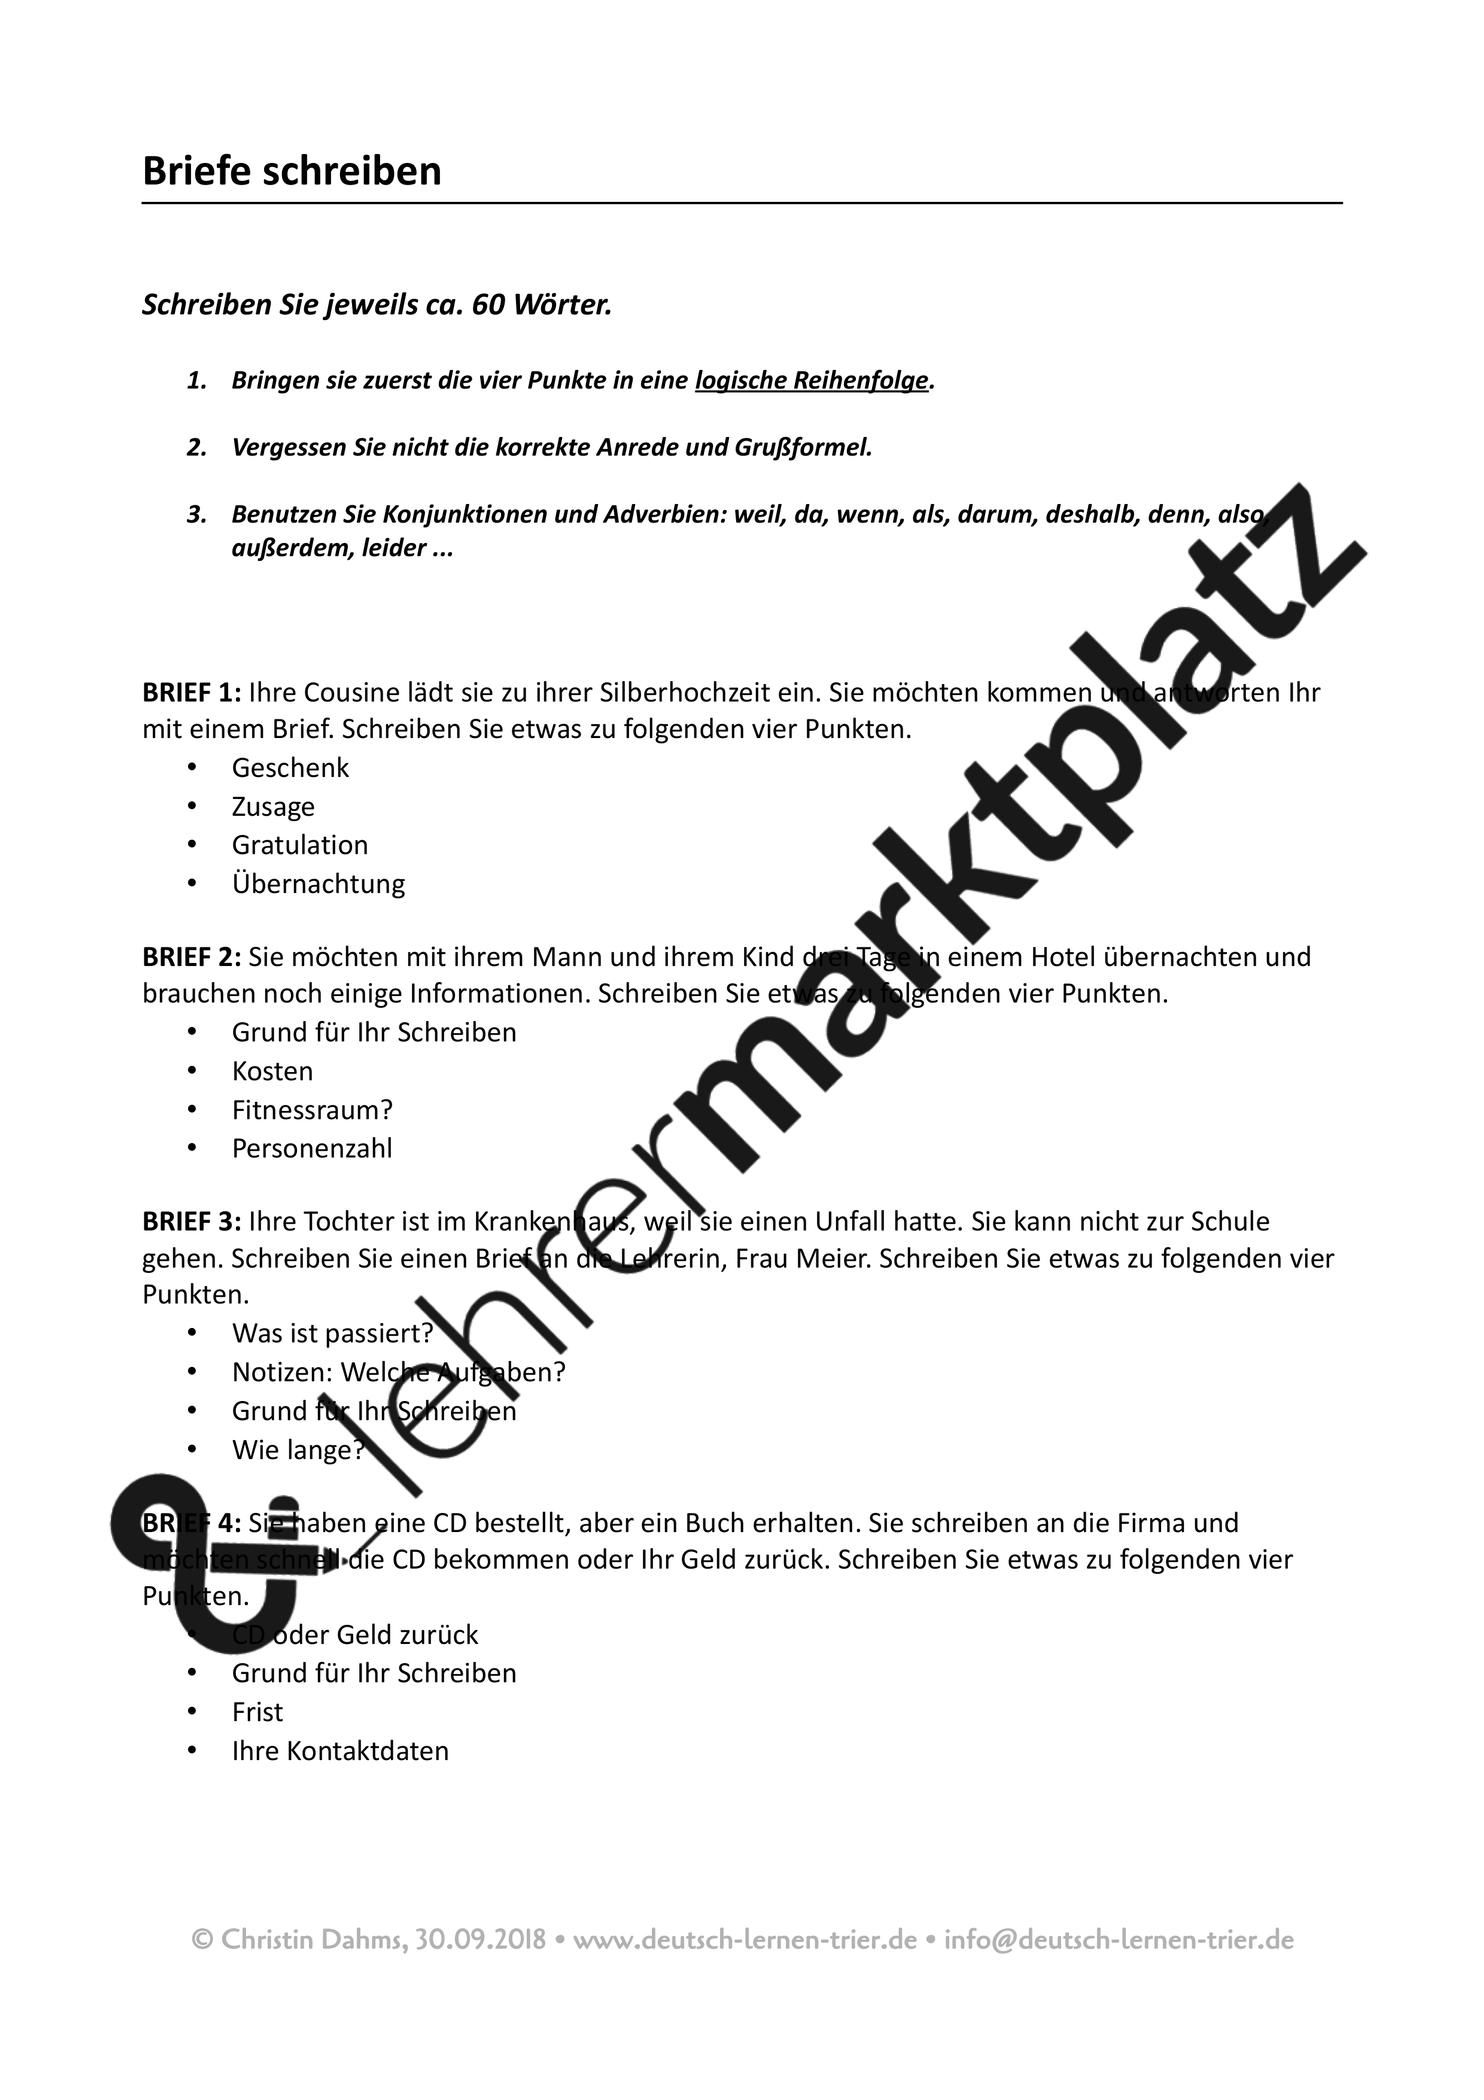 Dtz Briefe Schreiben Sammlung Aus 10 Aufgaben Unterrichtsmaterial Im Fach Daz Daf In 2020 Briefe Schreiben Briefe Deutsch Lernen